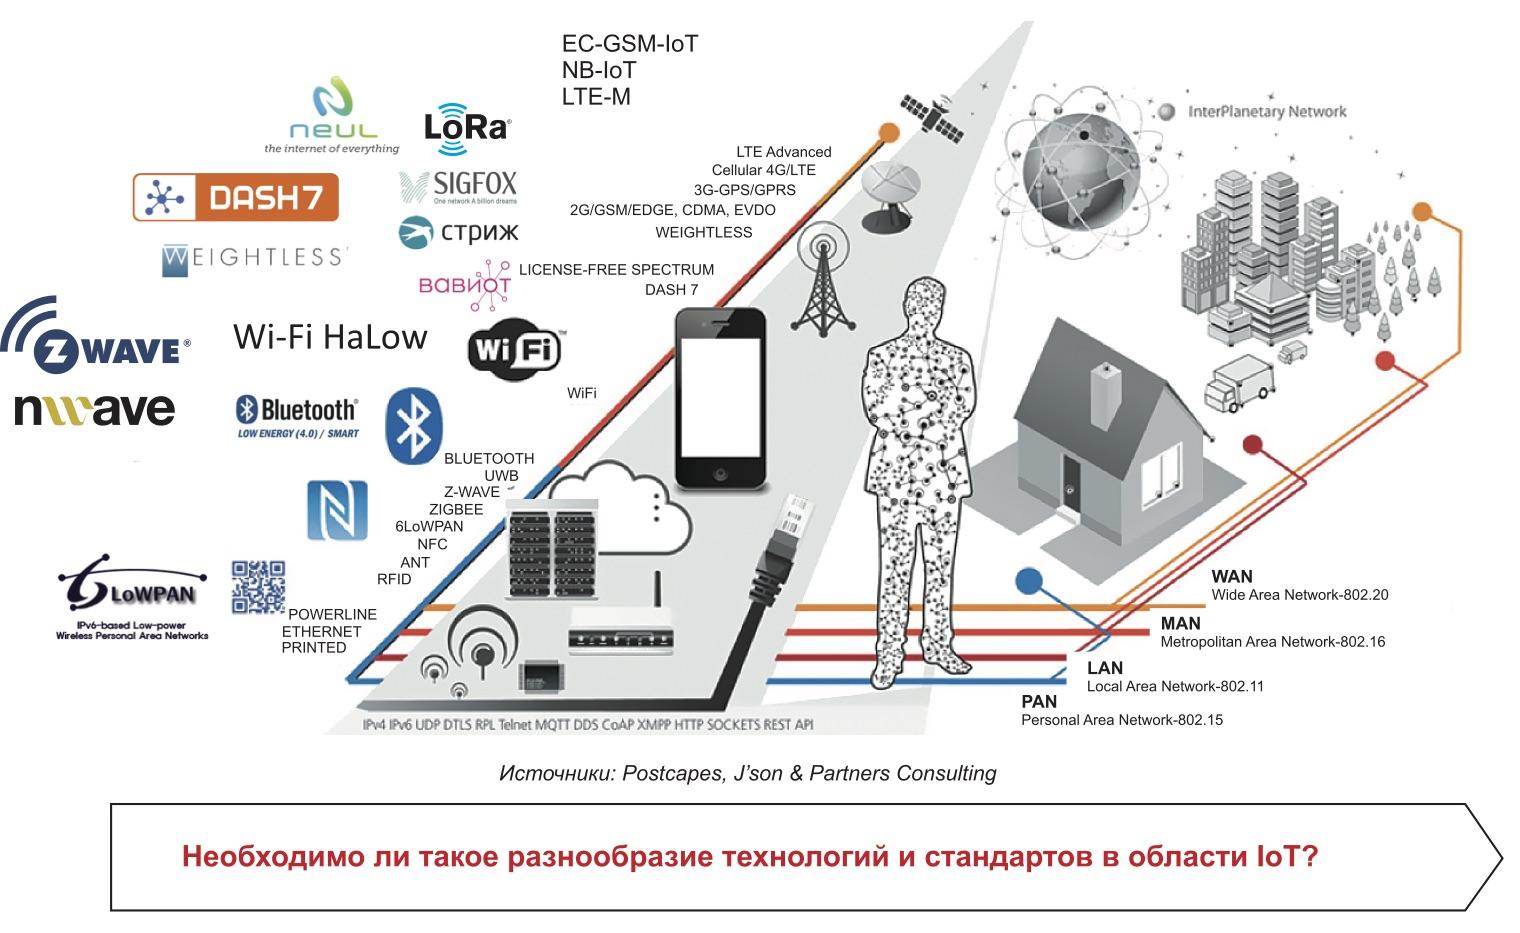 «Зоопарк» беспроводных технологий и стандартов для IoT